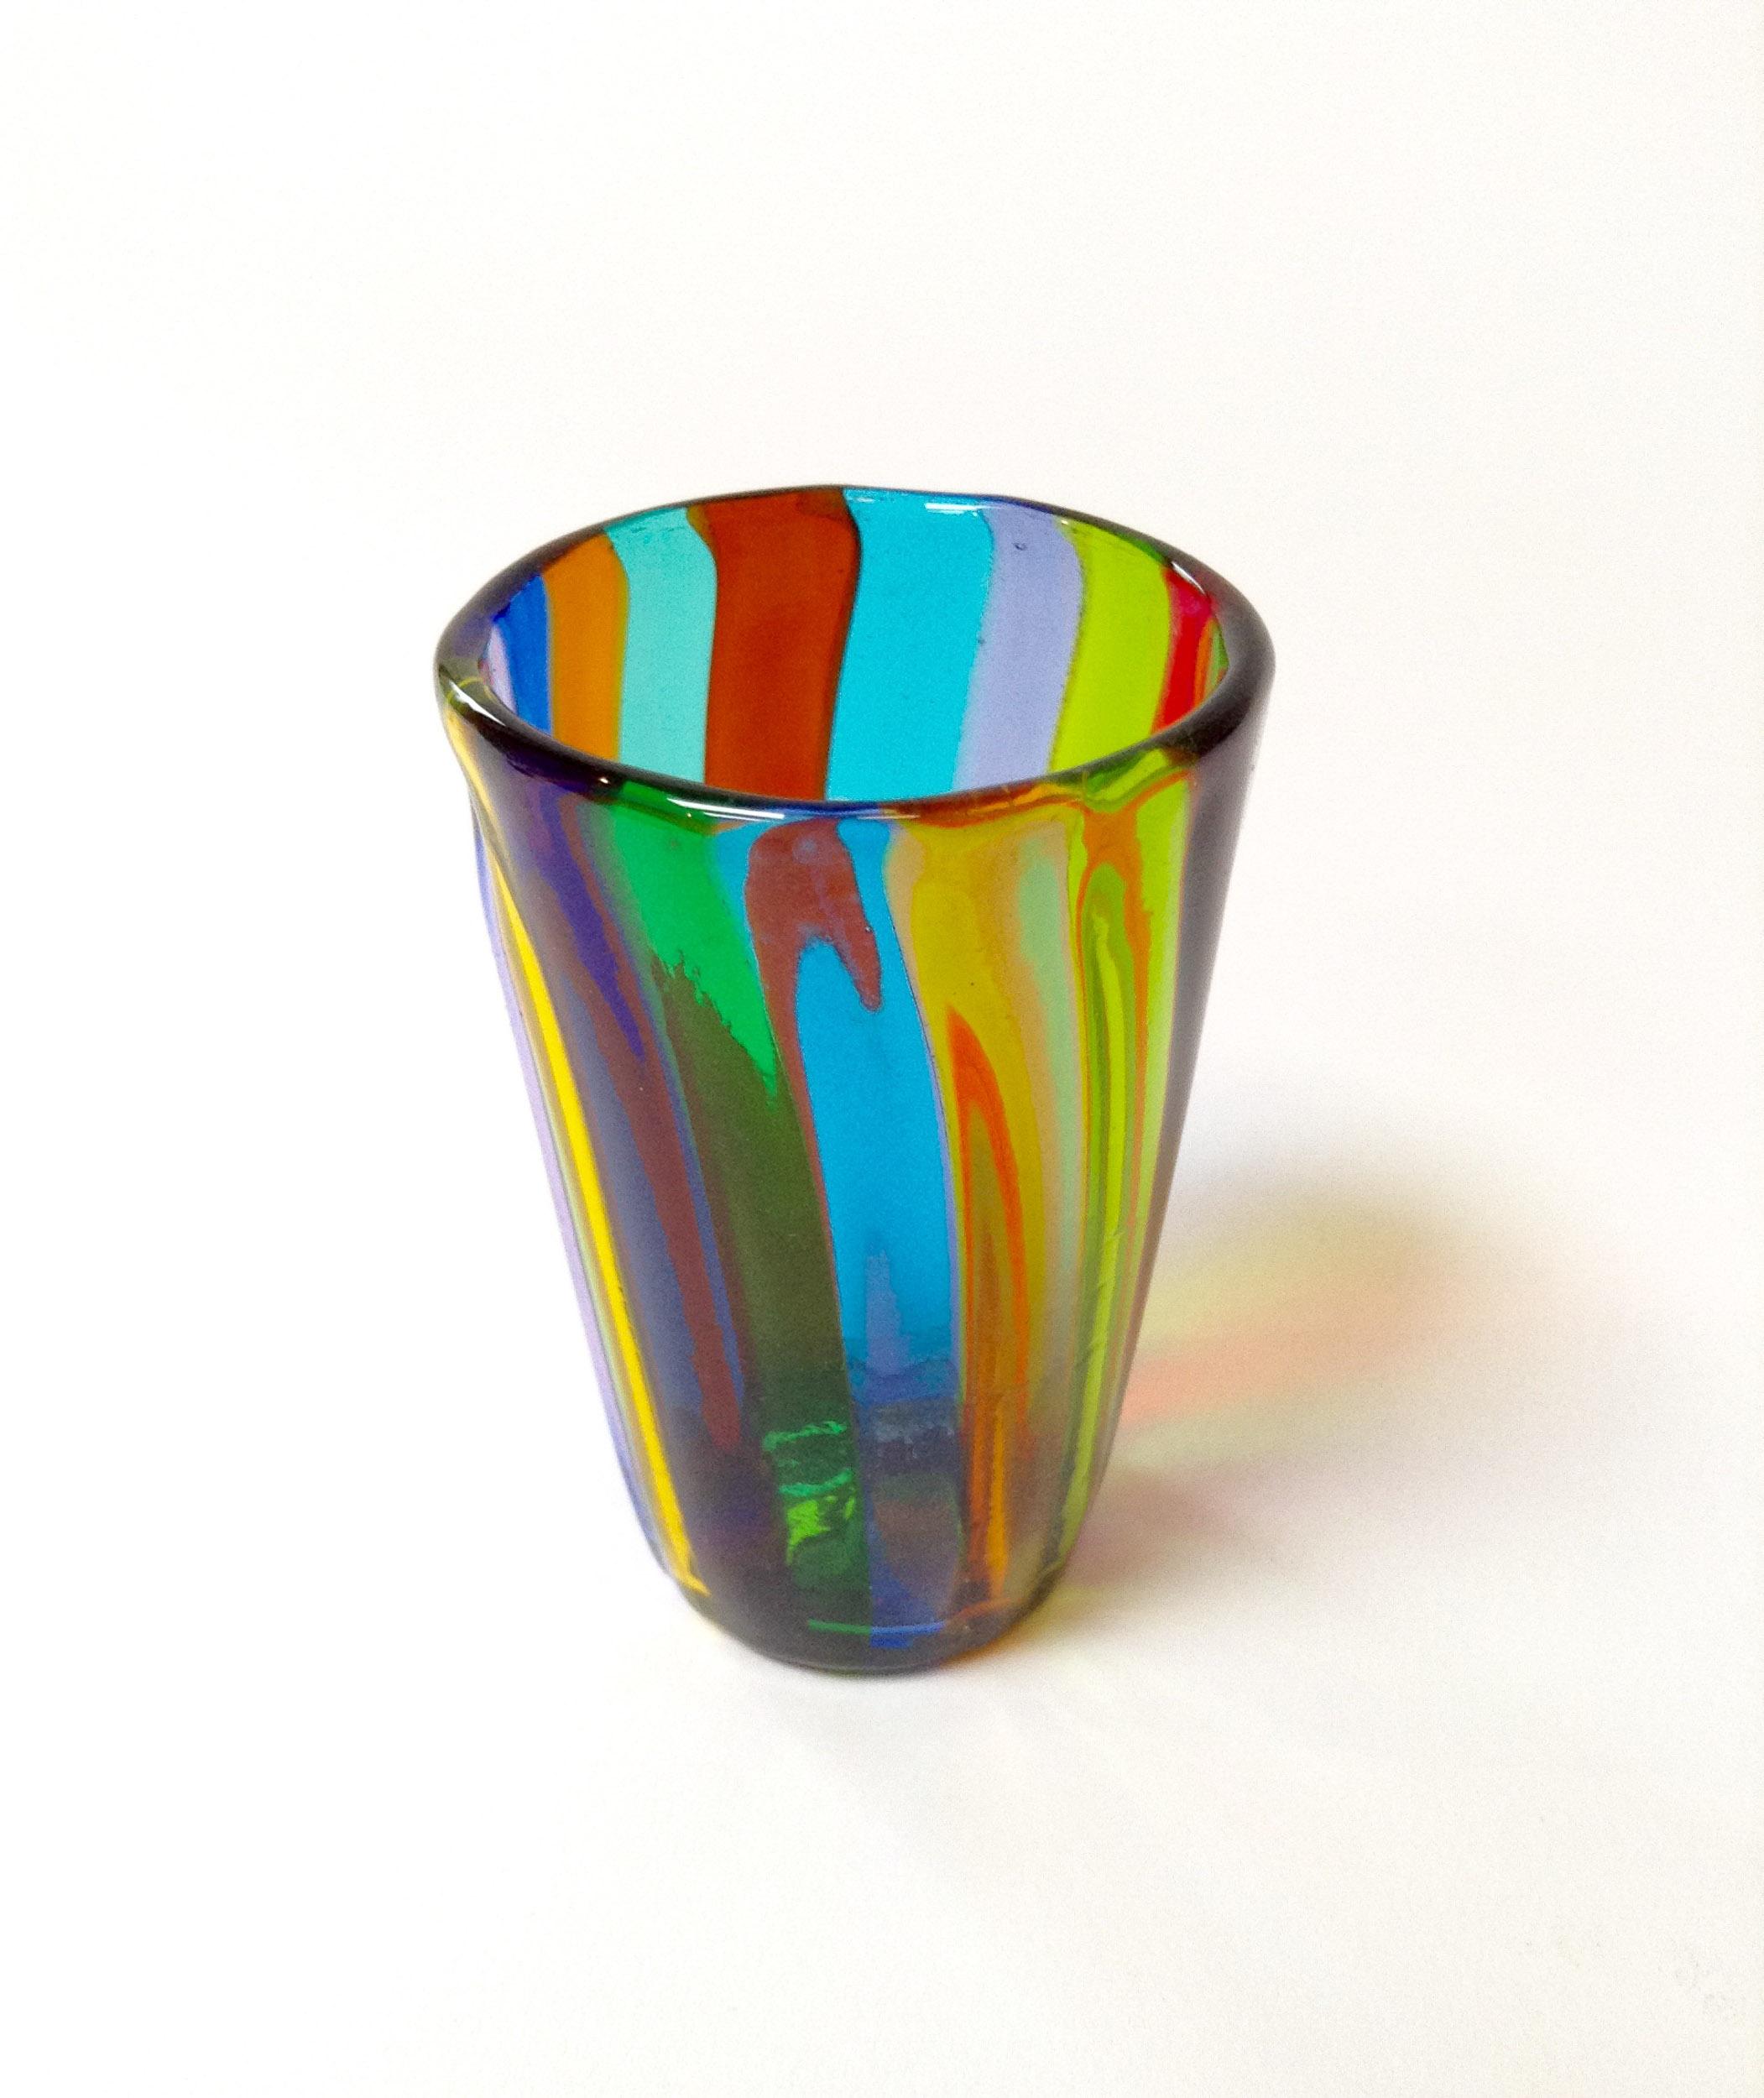 Olive-Glass_Italian-Art-Glass_Corrie-Haight_Lark-Dalton-20170325-7.jpg